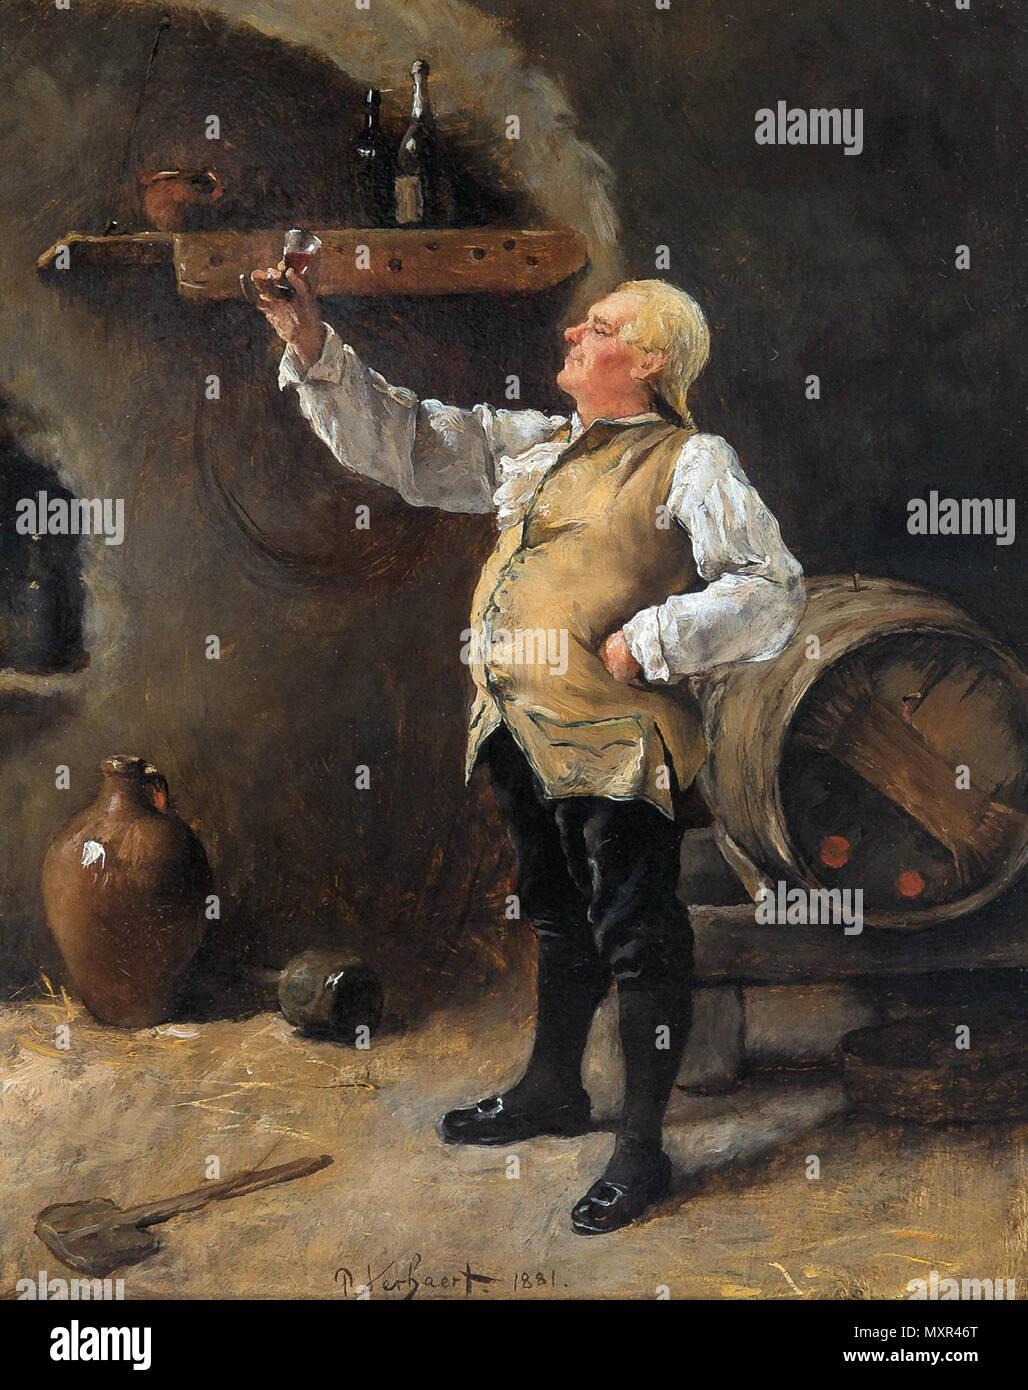 Verhaert Pieter - De Kenner - Stock Image